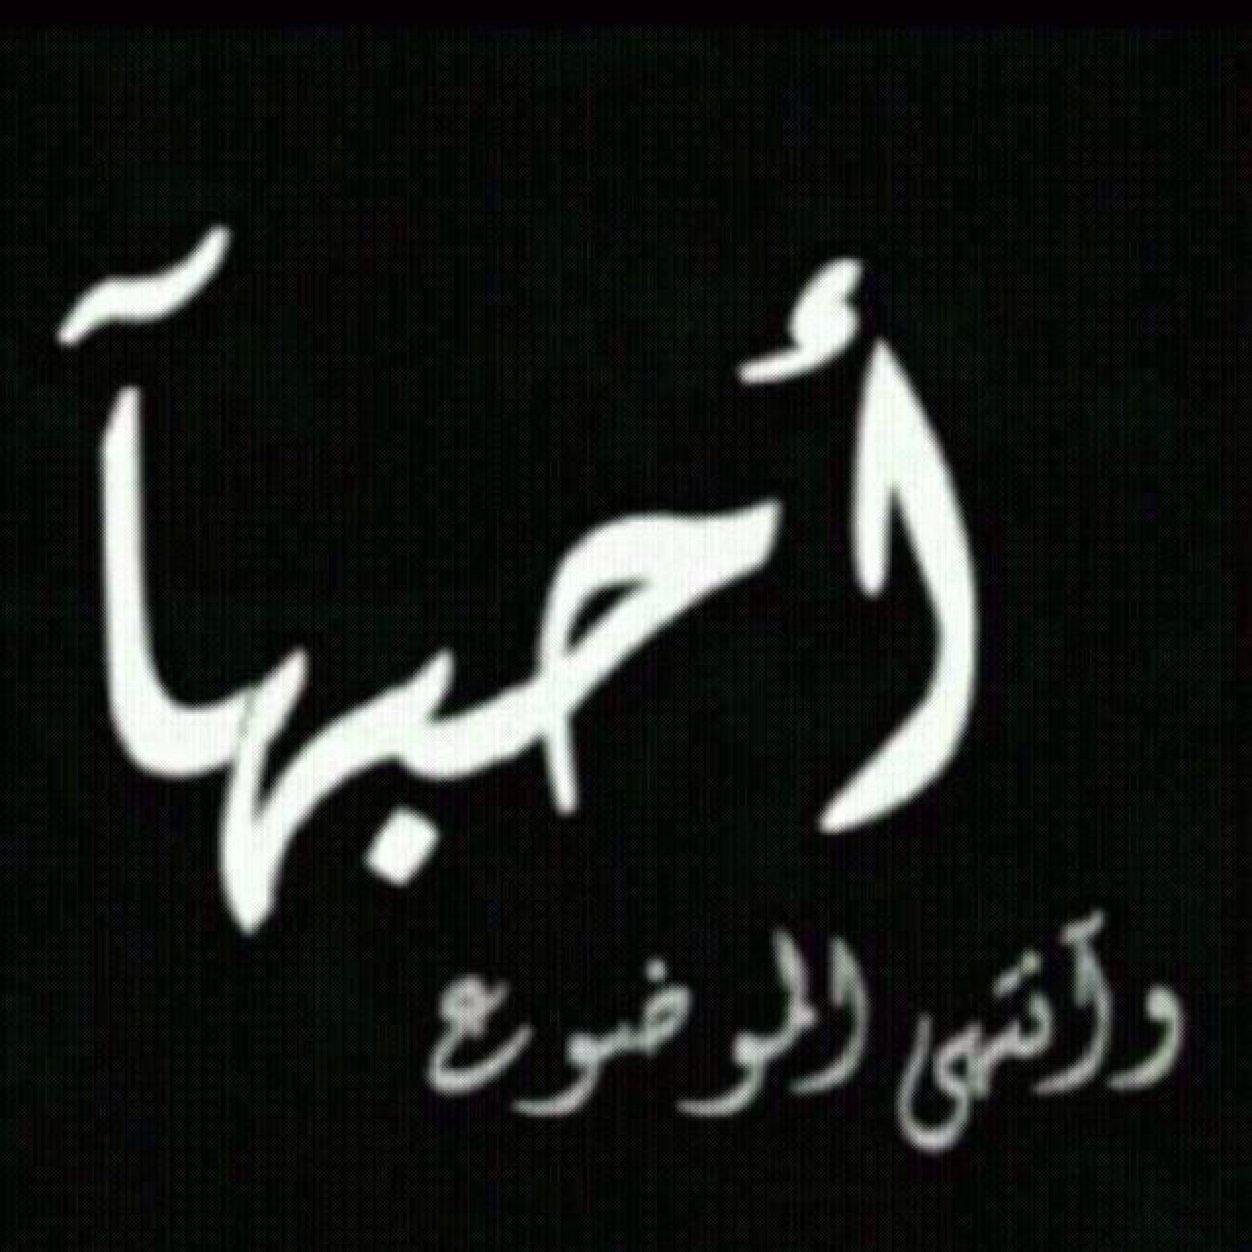 حبيبة قلبي 11 Qarol Twitter